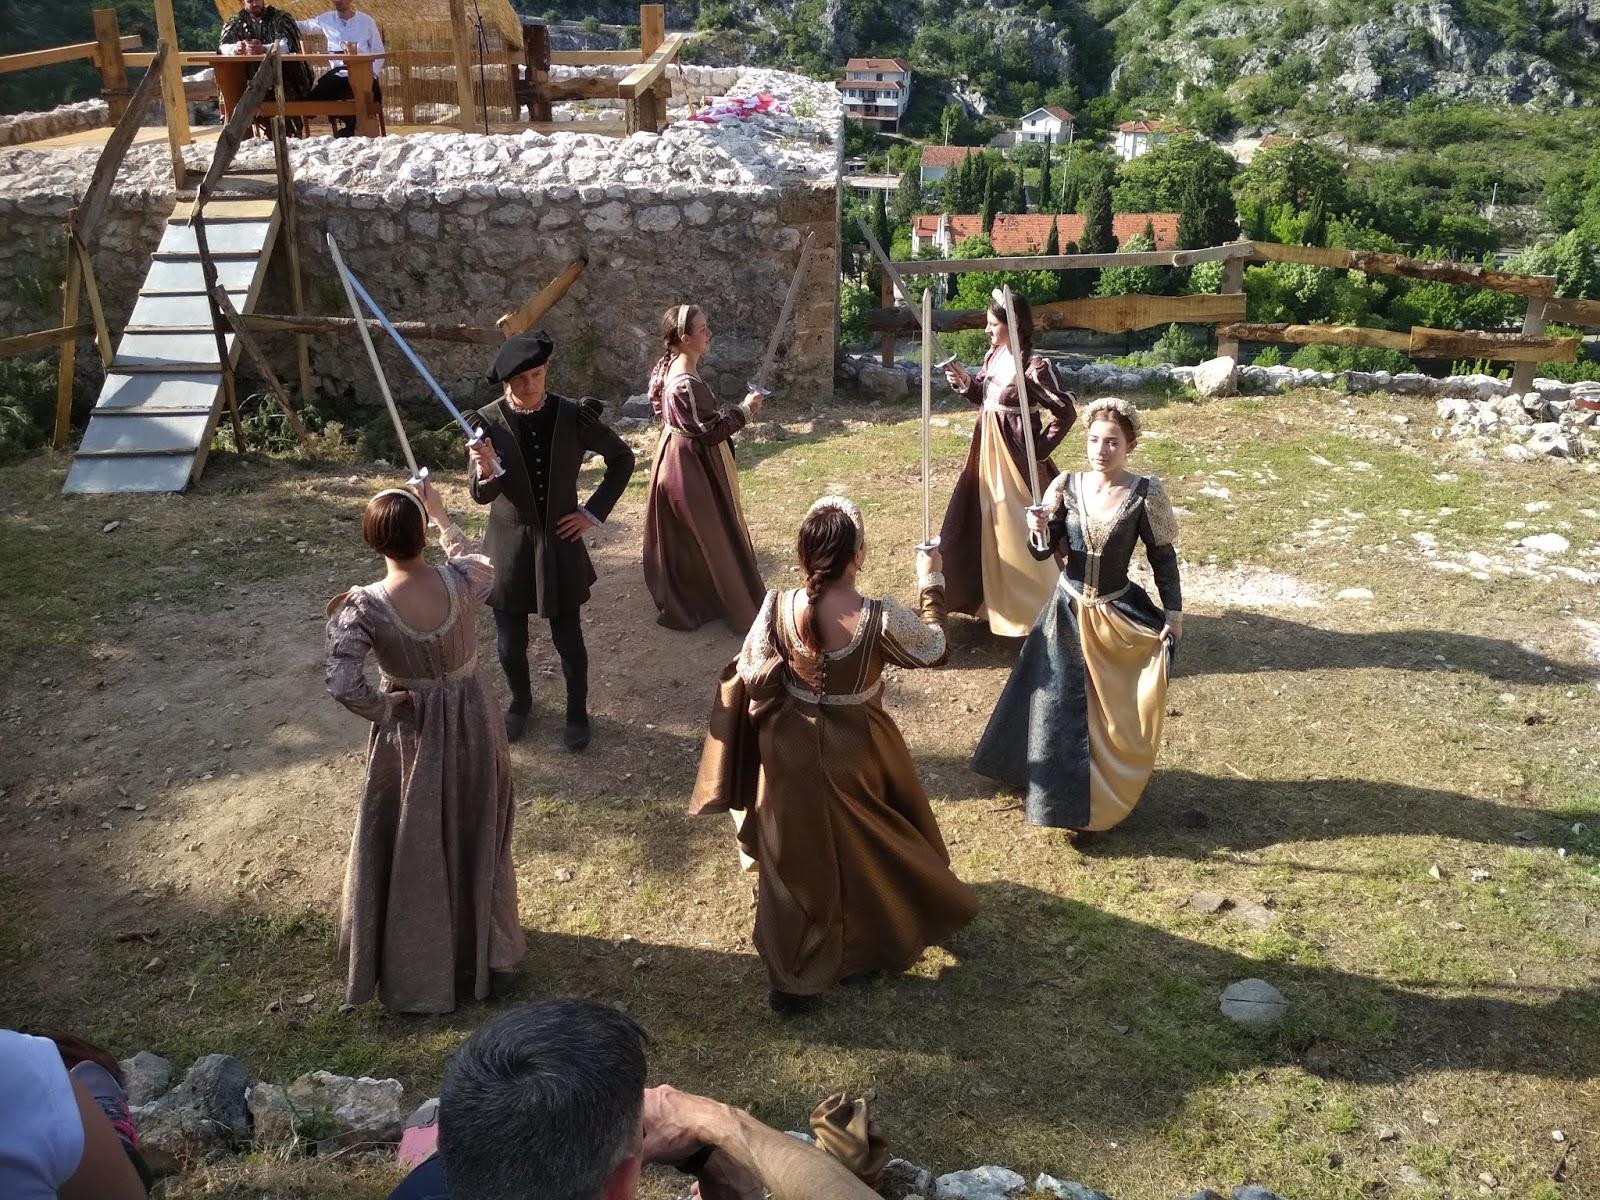 #MedievalFair in #Stolac, #BosniaandHerzegovina (part 1) / #Srednjovjekovnisajam #StolačkaTarča 2018 (prvi dio)